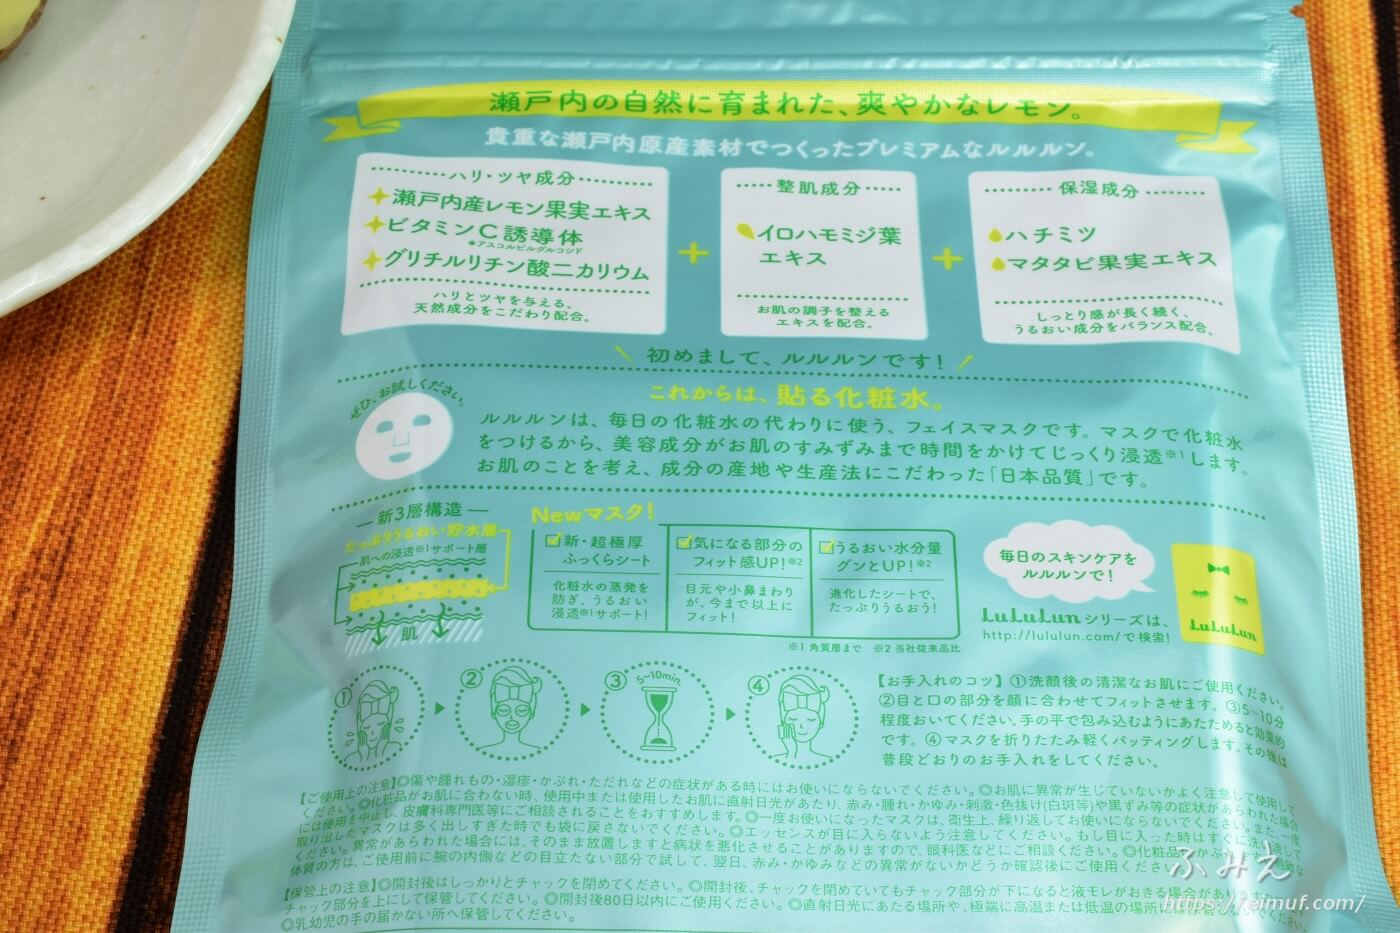 ルルルン / 瀬戸内のプレミアムルルルン(レモンの香り)7枚入りのパッケージ裏面アップ